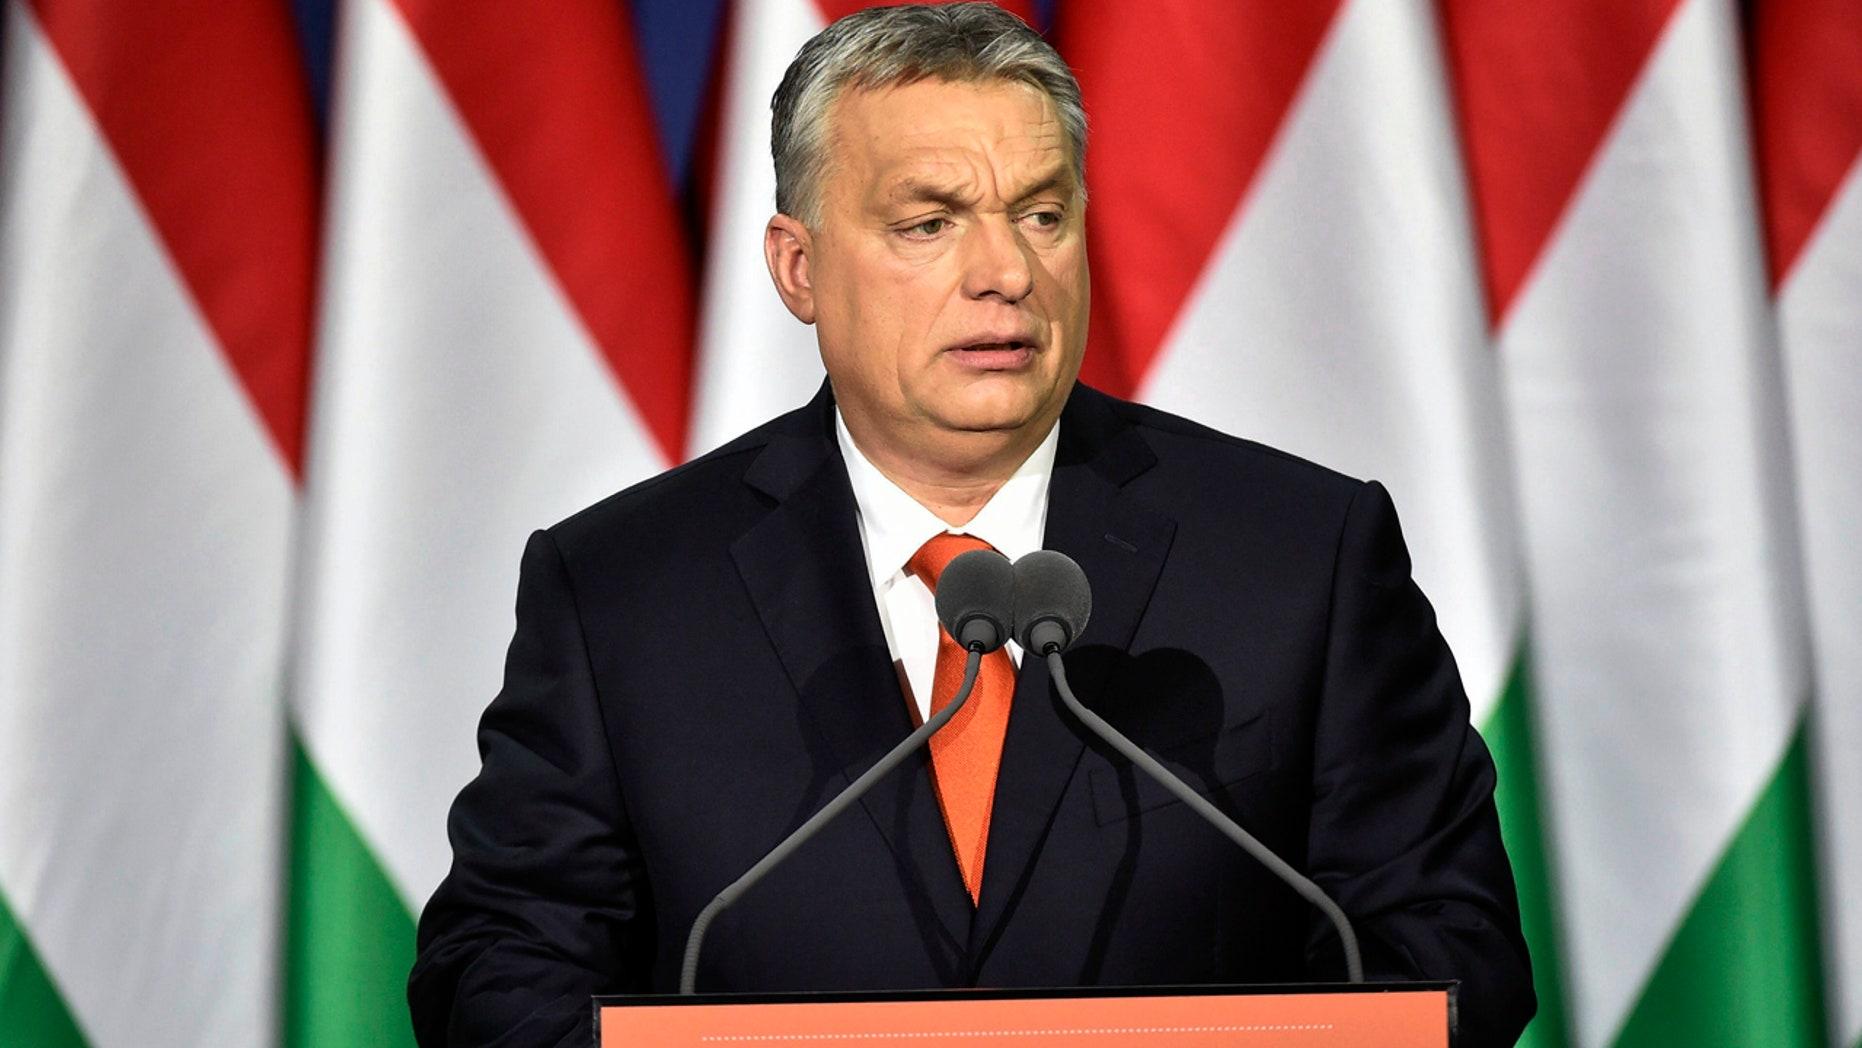 Viktor Orban, prime minister of Hungary since 2010, banned gender studies.